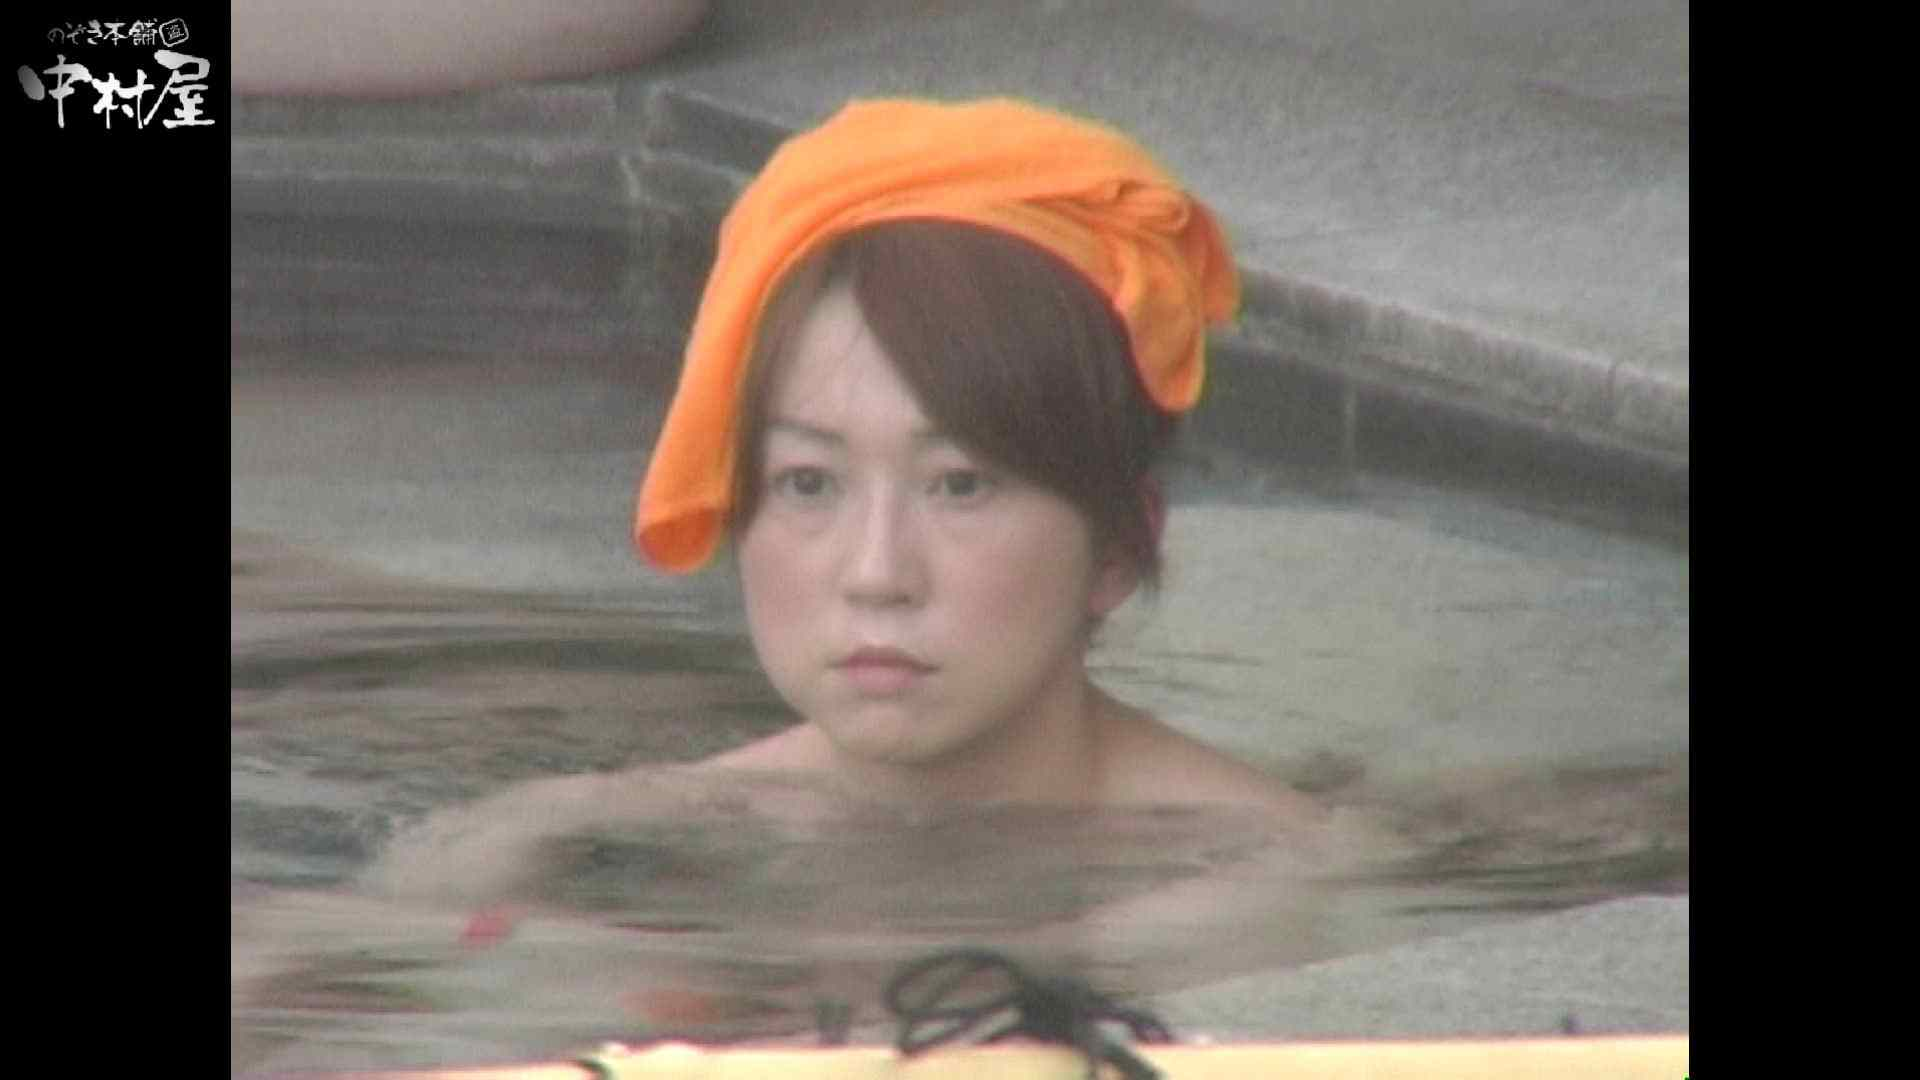 Aquaな露天風呂Vol.941 エロいOL AV動画キャプチャ 81枚